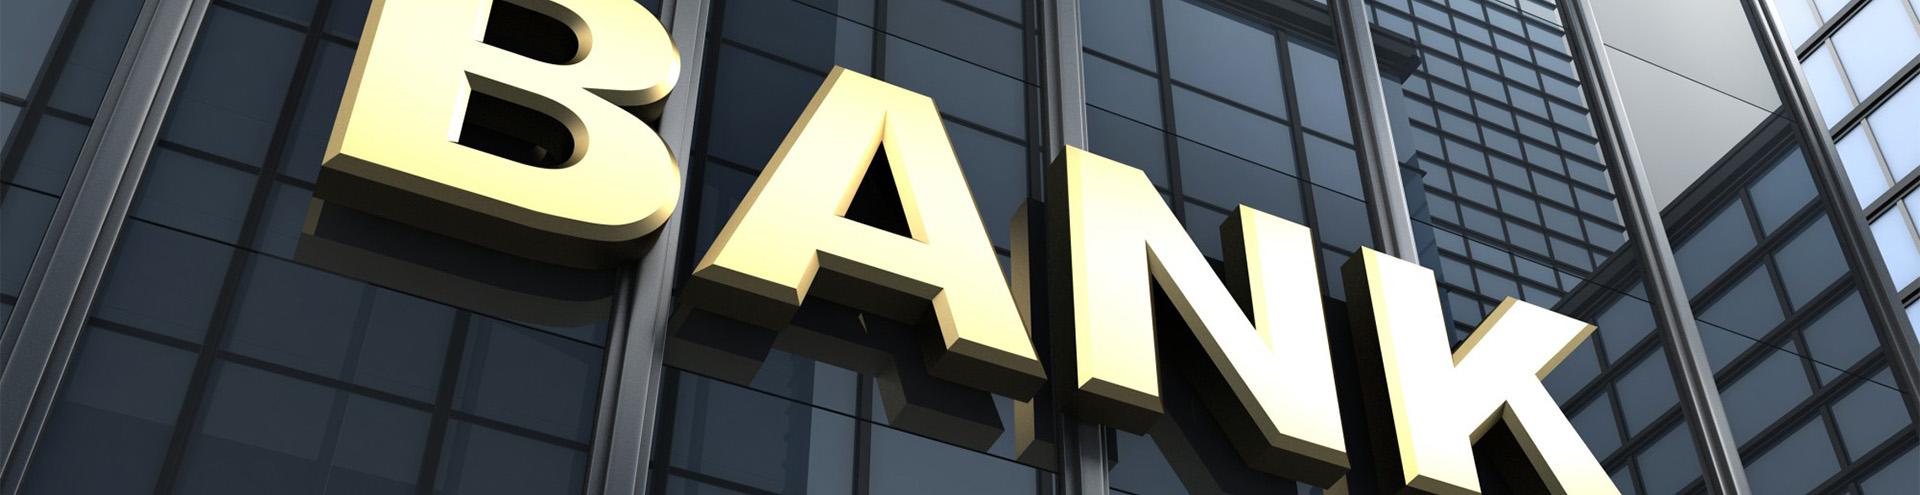 Споры с банками в Самаре и Самарской области